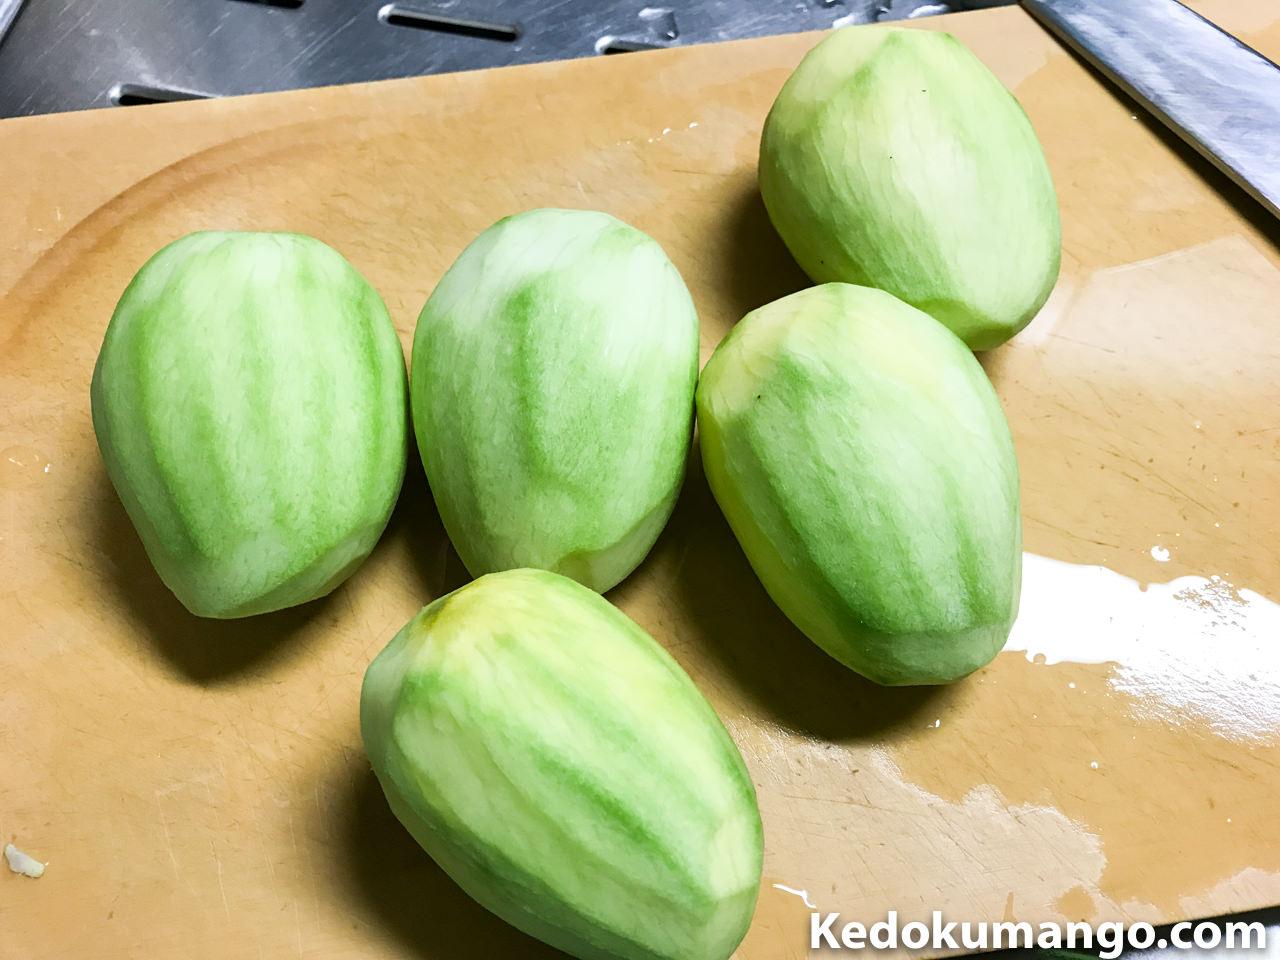 皮を剥いた摘果マンゴー